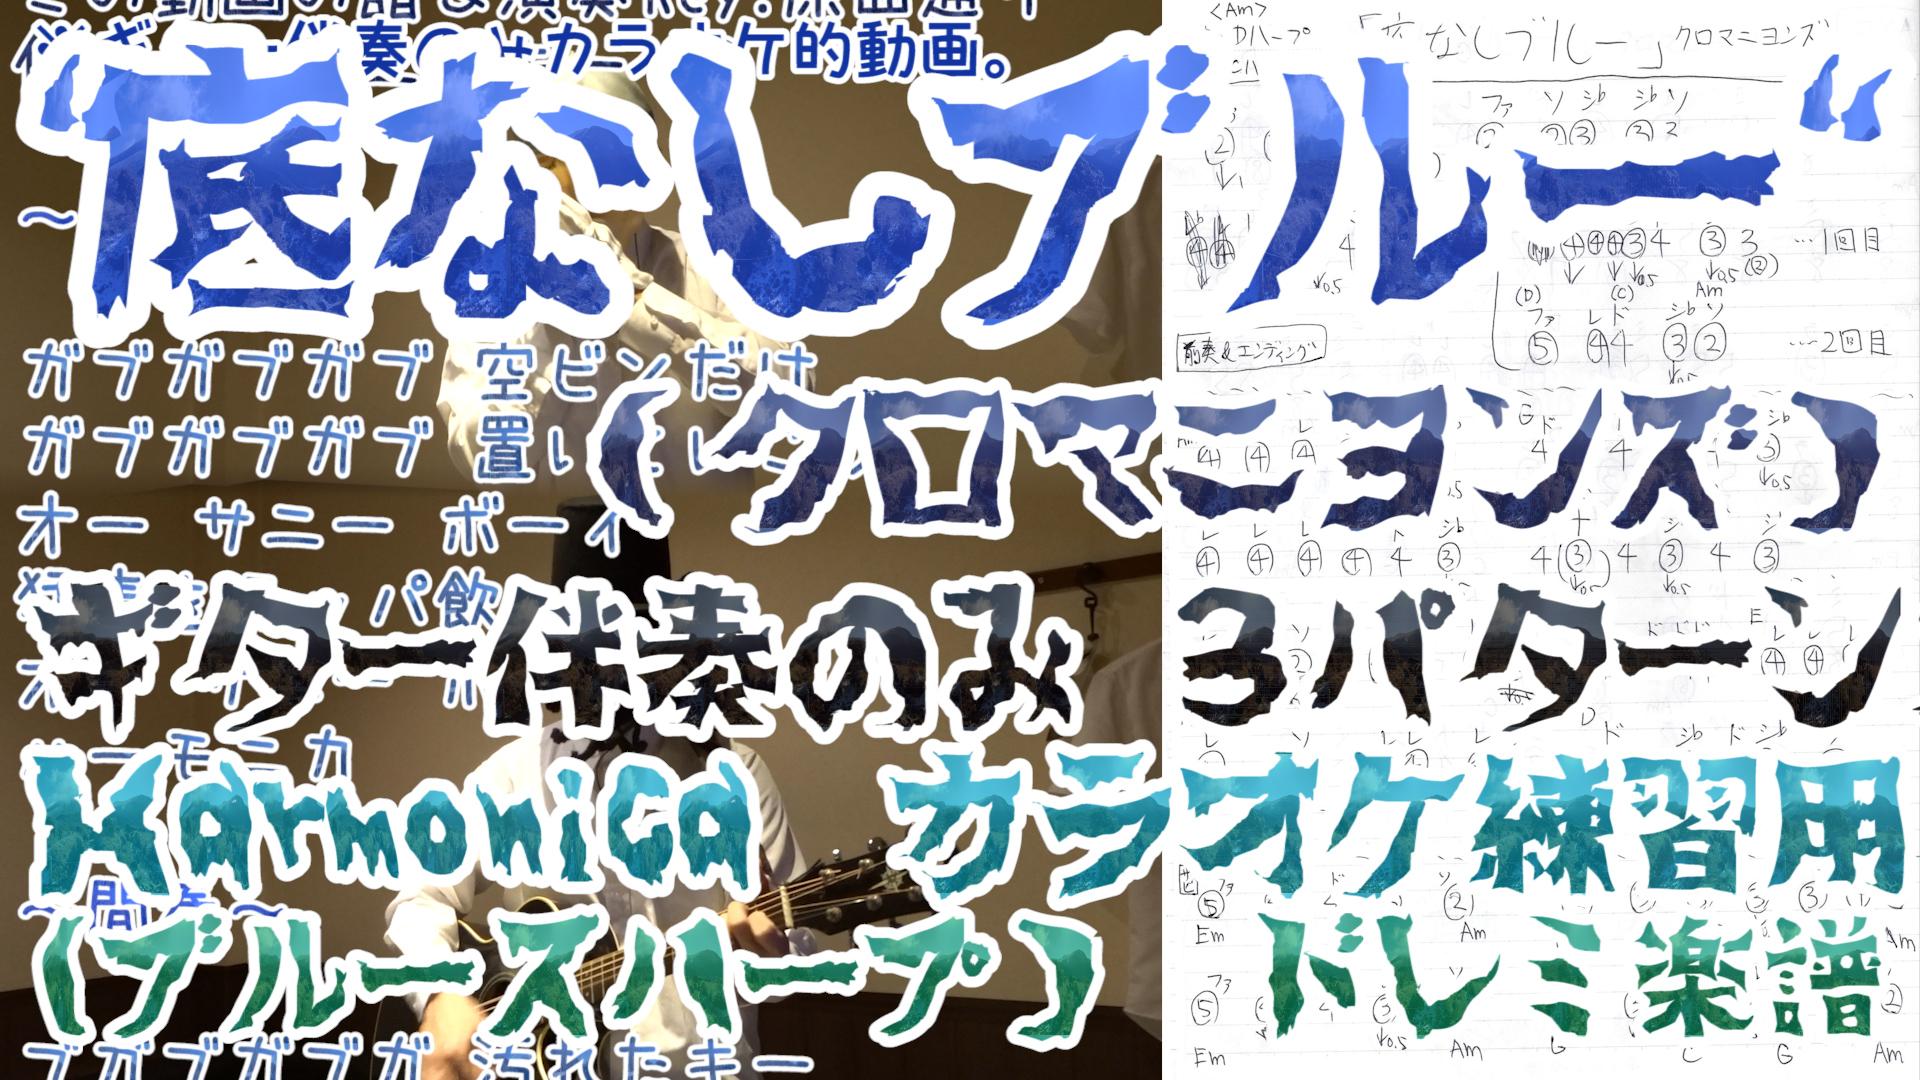 底なしブルー / クロマニヨンズ ☆超手書き☆ ハーモニカ ドレミ 楽譜 with ギター コード